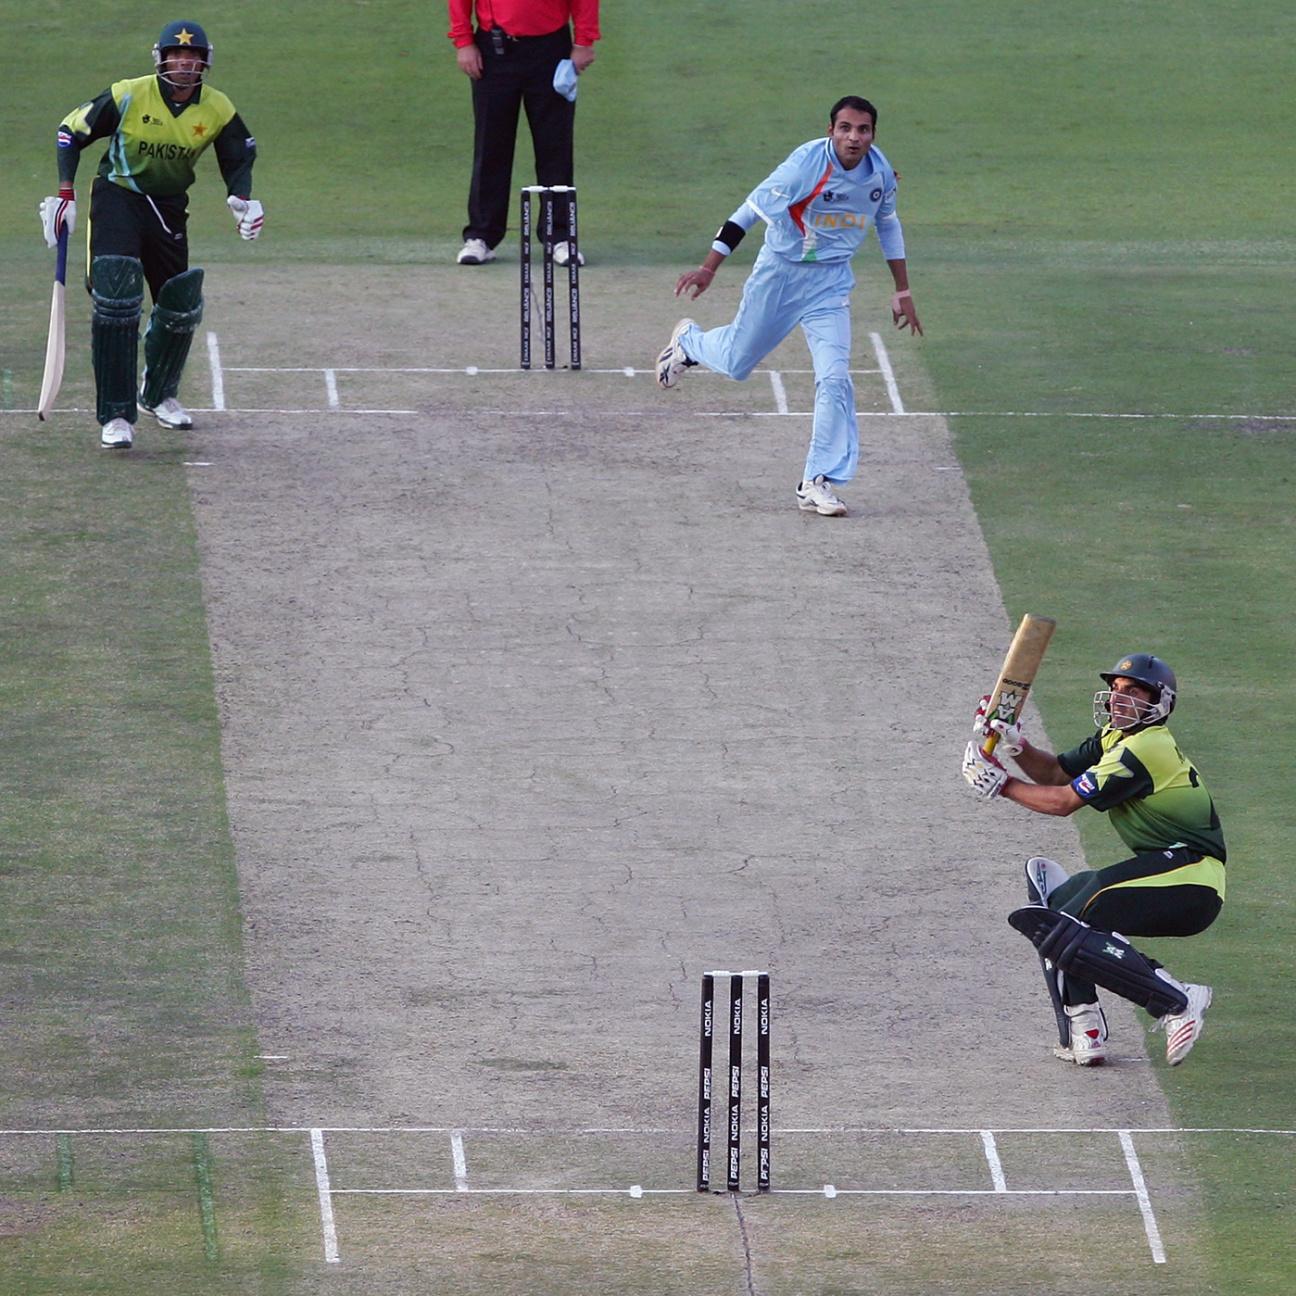 मिस्बाह स्कूप की कोशिश में आउट हुए थे। उनका कैच श्रीसंत ने फाइन लेग में लिया था।